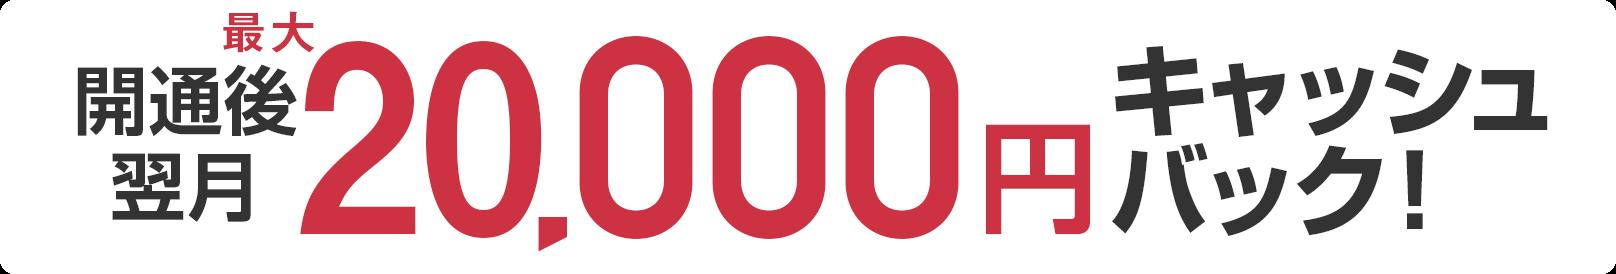 開通後翌月最大20,000円キャッシュバック!